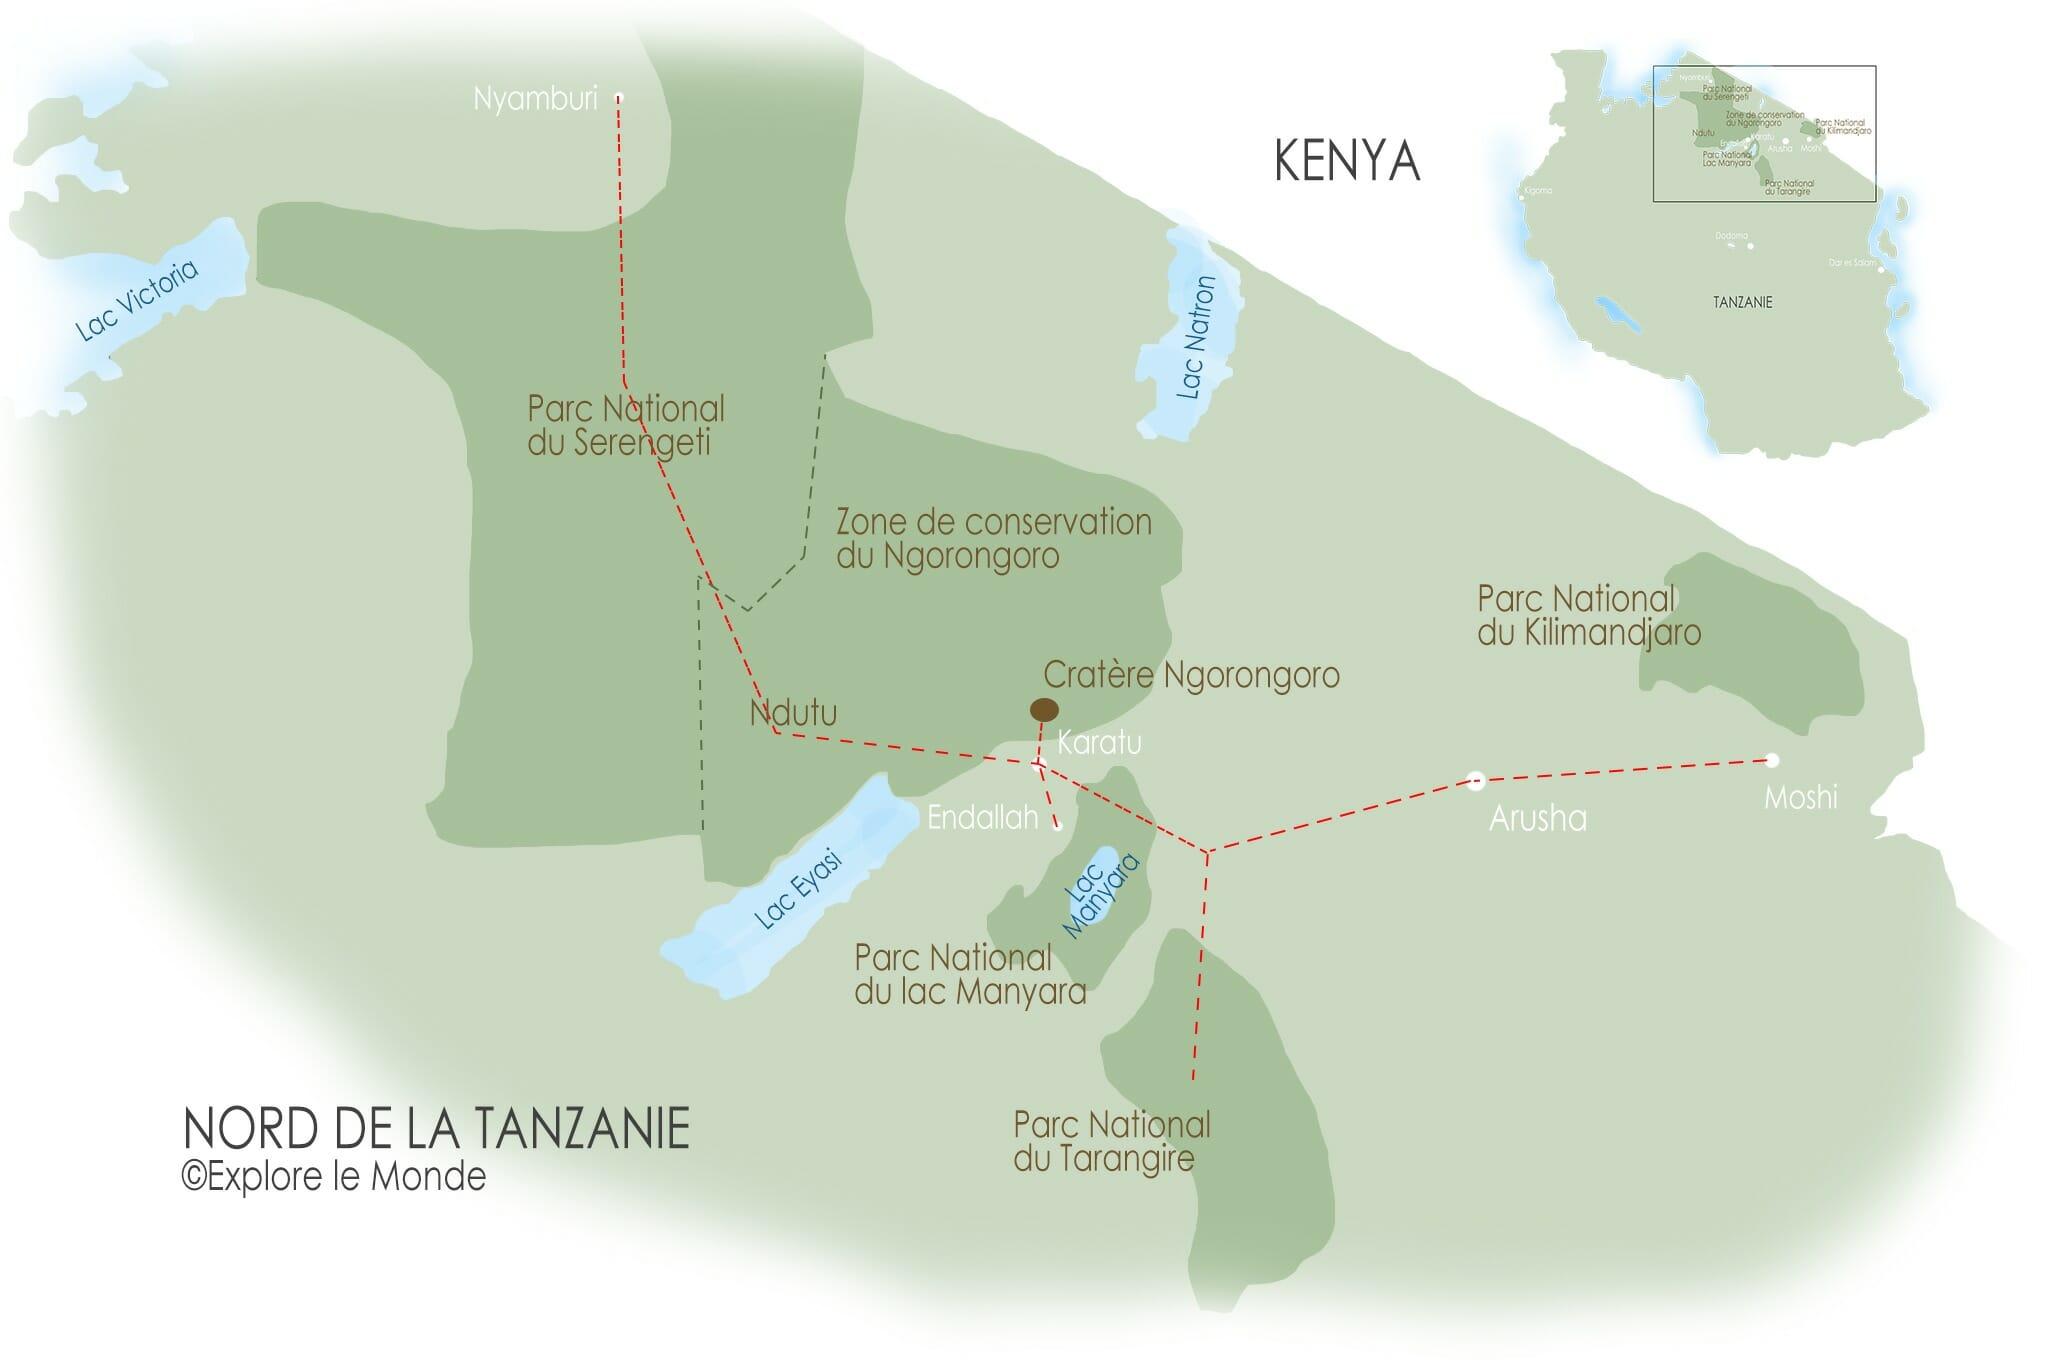 Carte pour une itinéraire de 2 semaines dans le nord de la Tanzanie